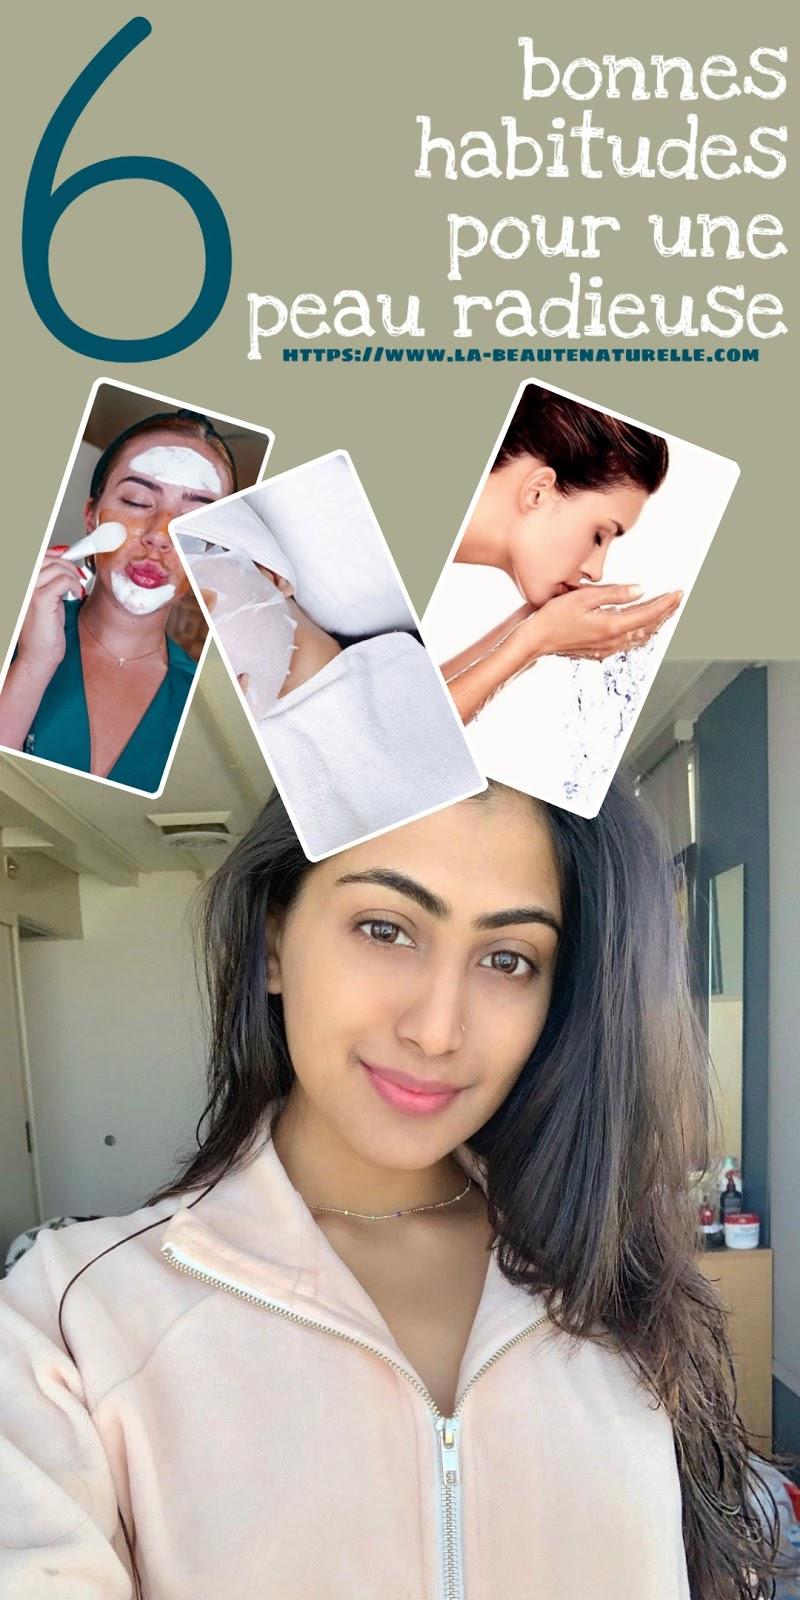 6 bonnes habitudes pour une peau radieuse